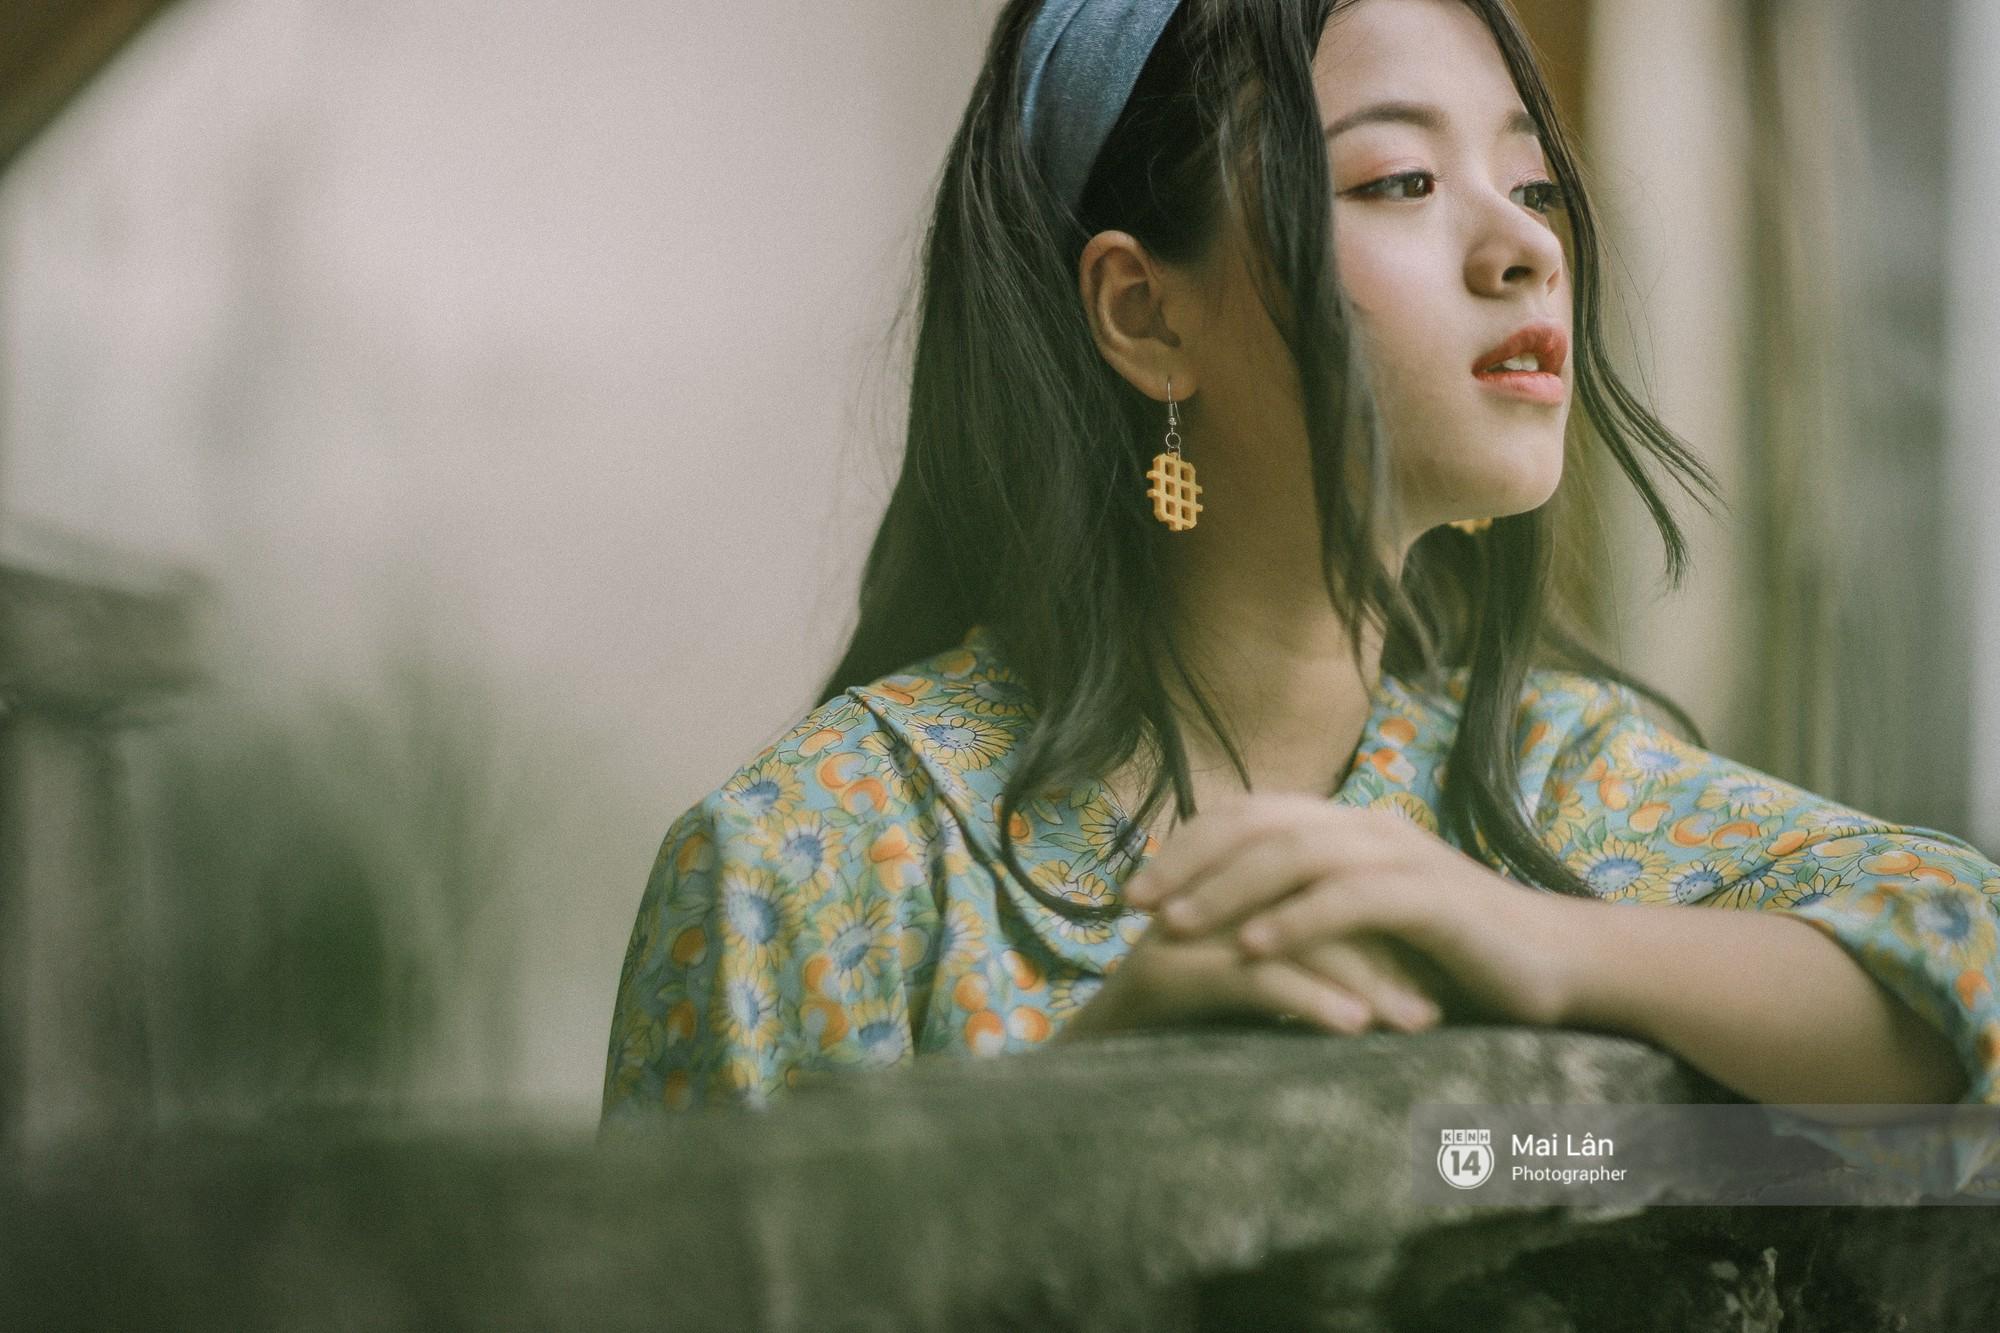 5 năm sau The Voice Kid, con gái NSƯT Chiều Xuân đã trở thành thiếu nữ 14 tuổi, xinh đẹp và tự tin lắm rồi! - Ảnh 7.